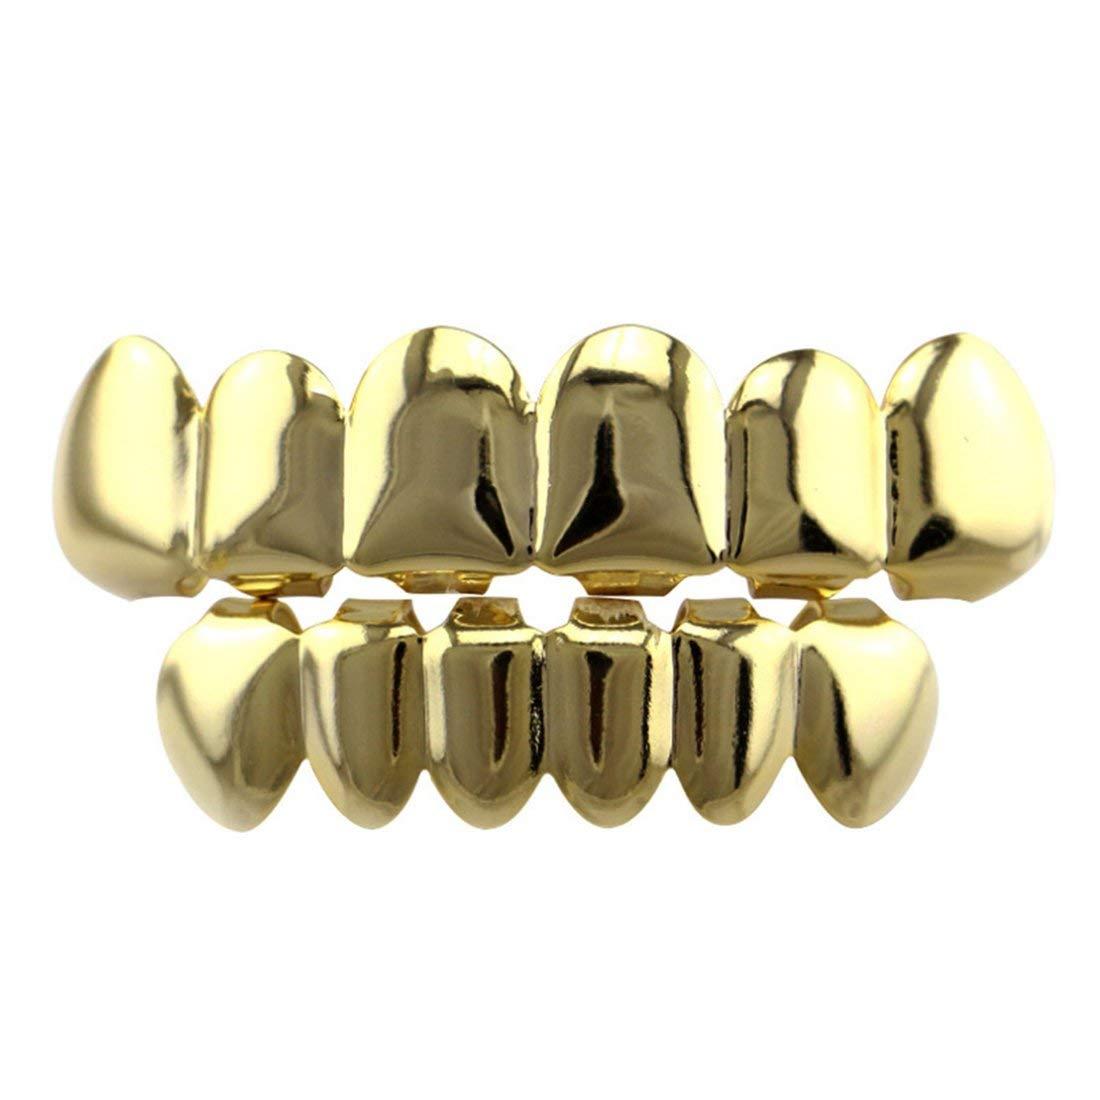 Los dientes de Hiphop fijan los dientes planos lisos los apoyos superiores e inferiores de la joyería del cuerpo Halloween Cosplay Party Gift Formulaone